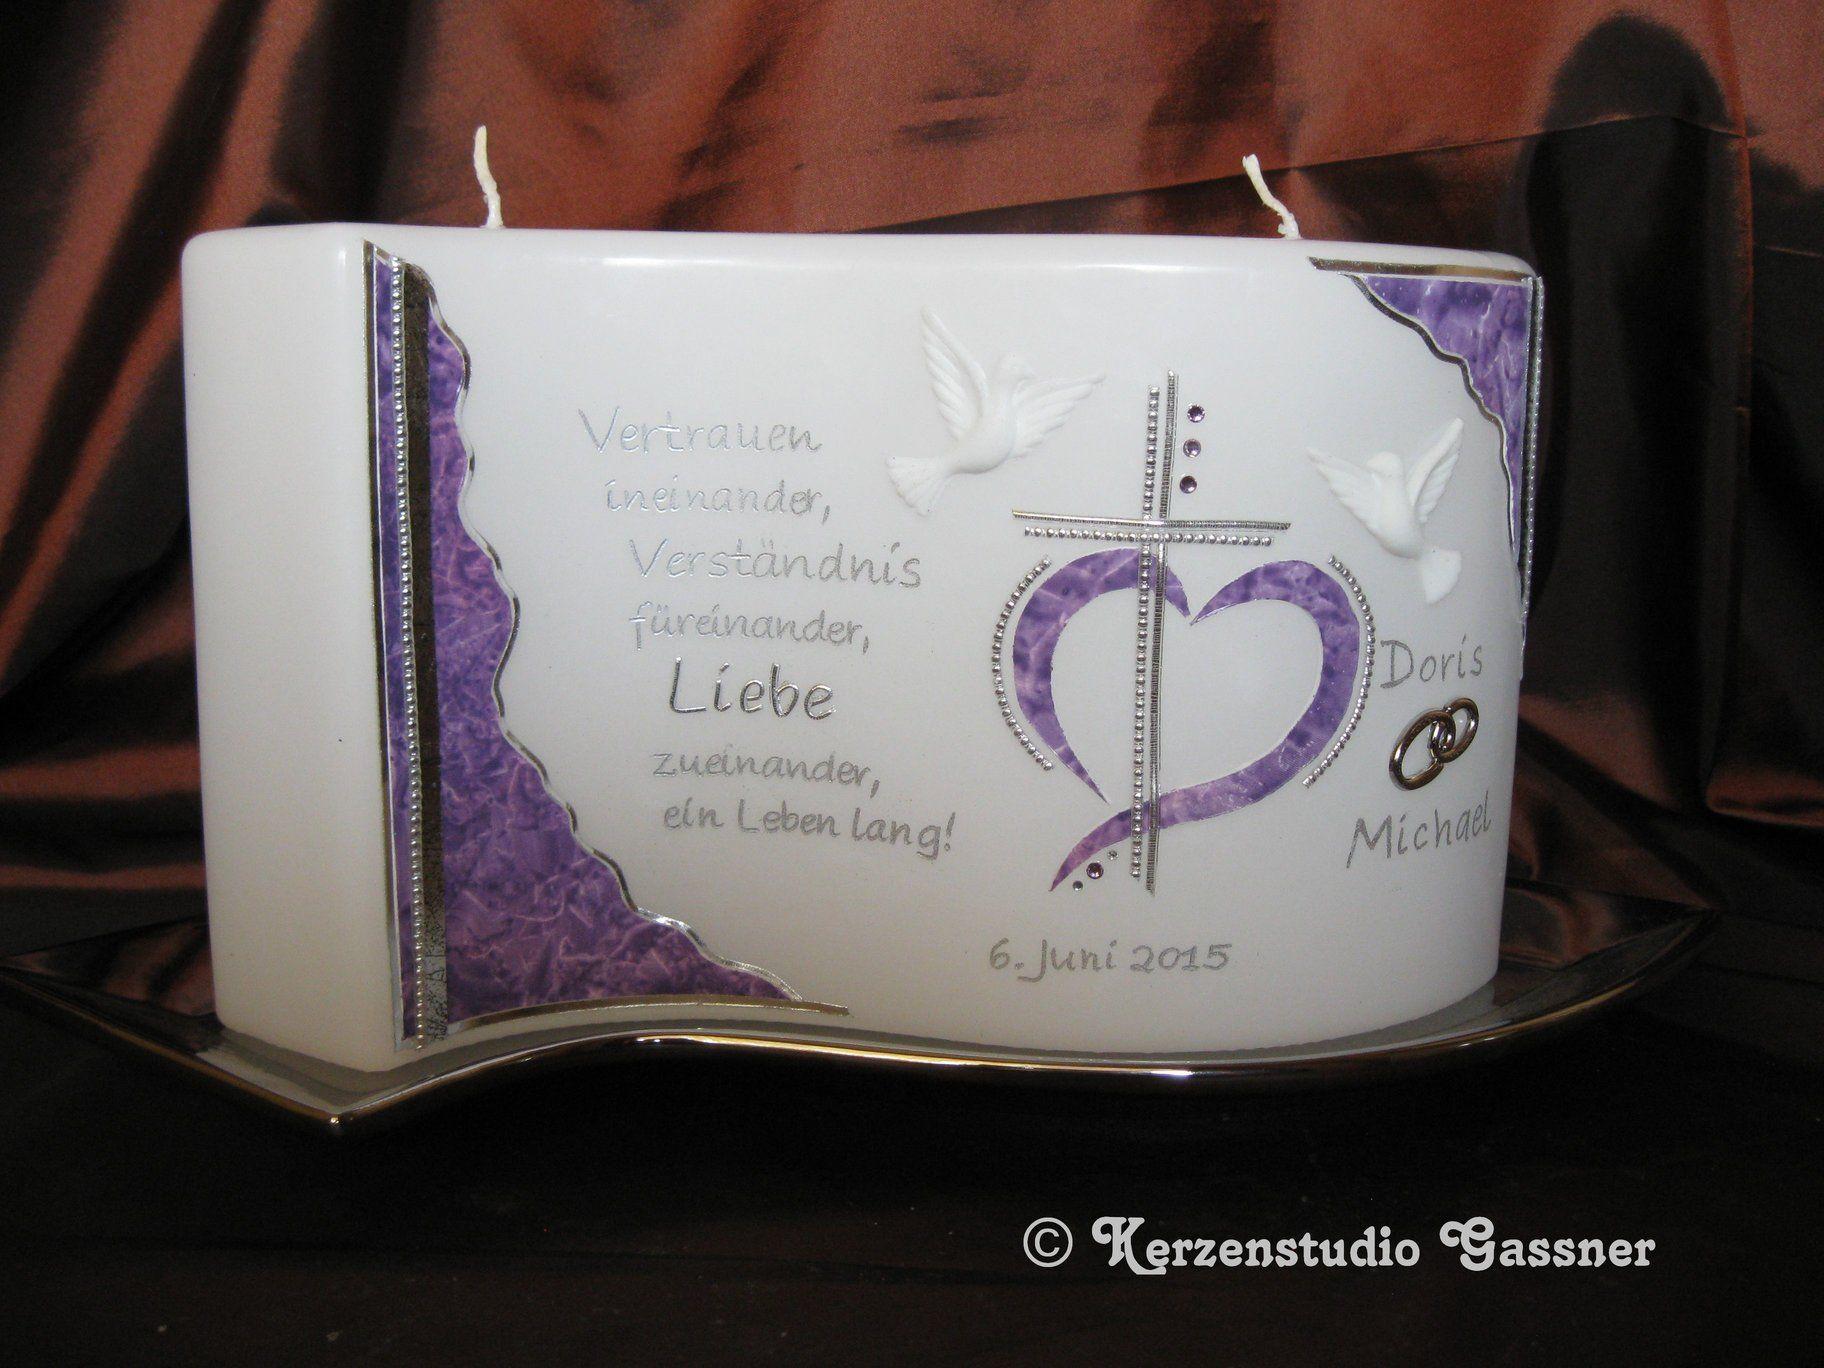 Romantische Spruche Hochzeit Hochzeitsspruche Von Romantisch Bis